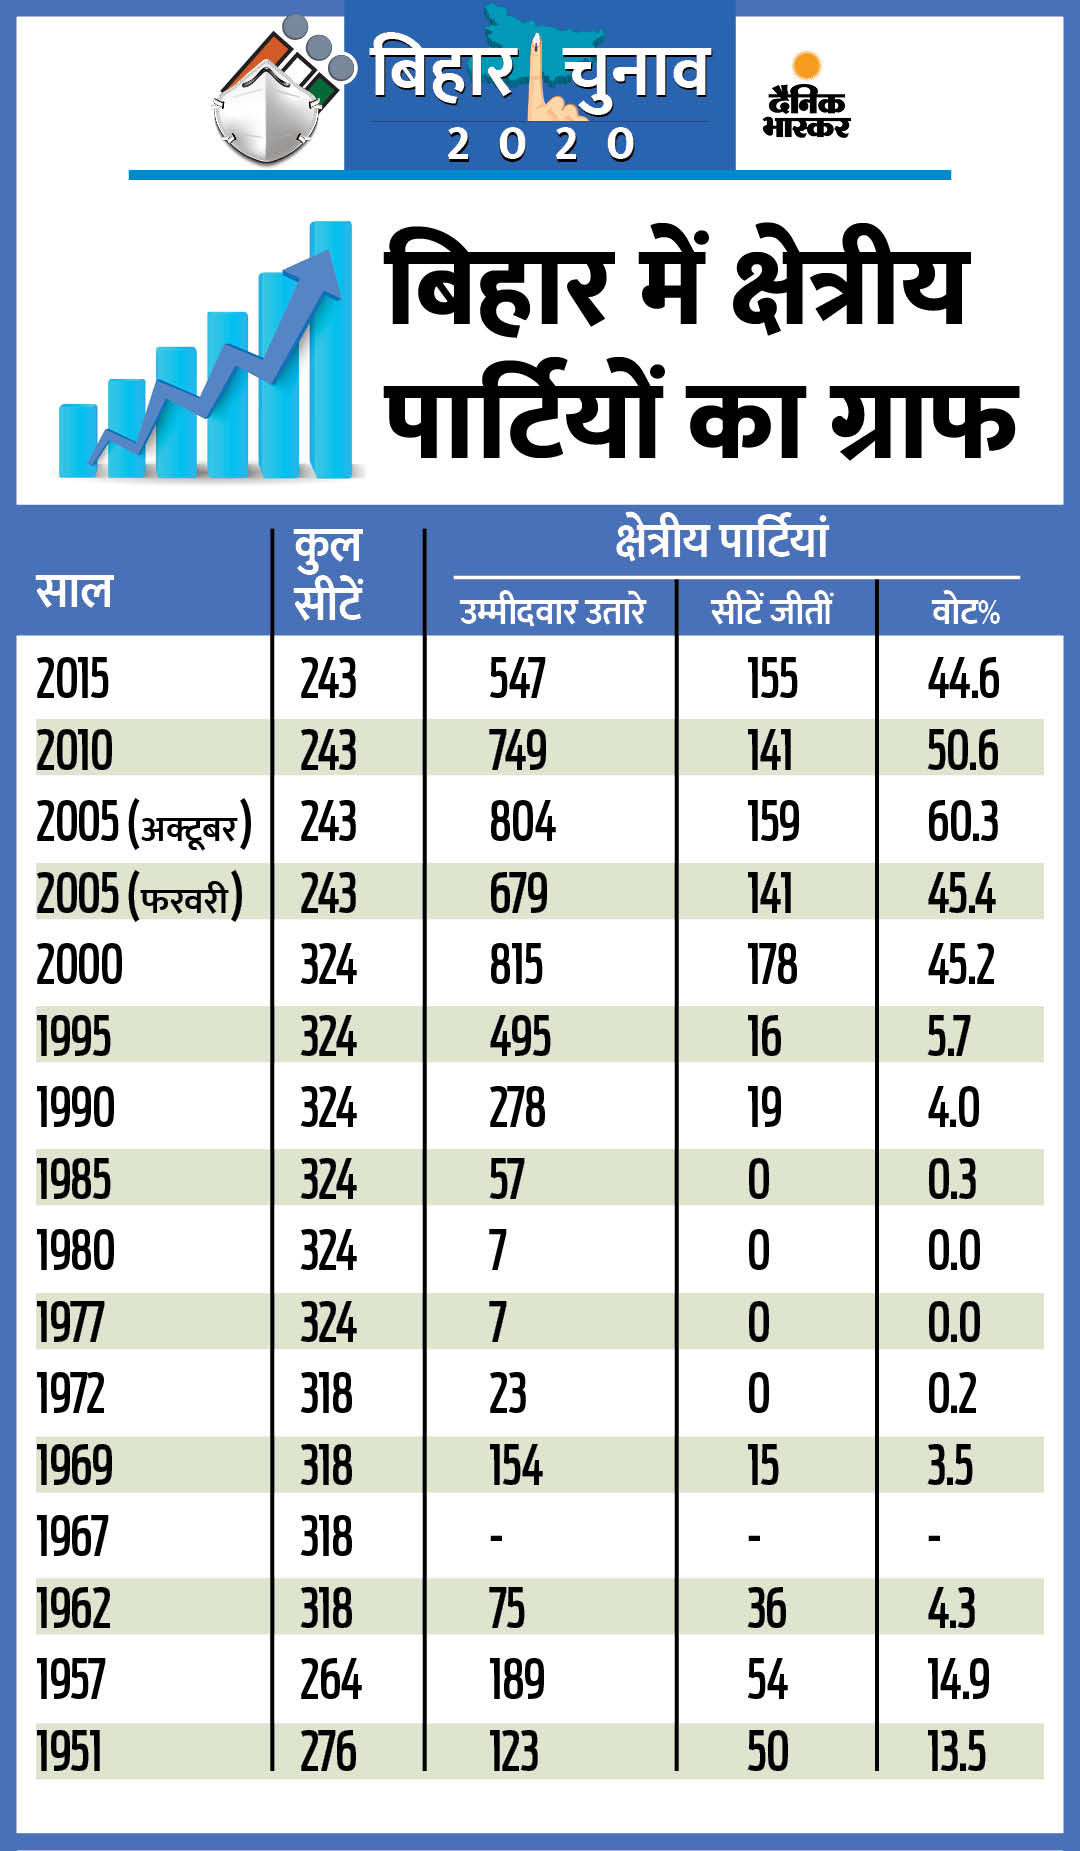 भाजपा यहां कभी 100 का आंकड़ा पार नहीं कर सकी; पिछले 5 चुनाव से क्षेत्रीय पार्टियां ही किंग या किंगमेकर बनीं